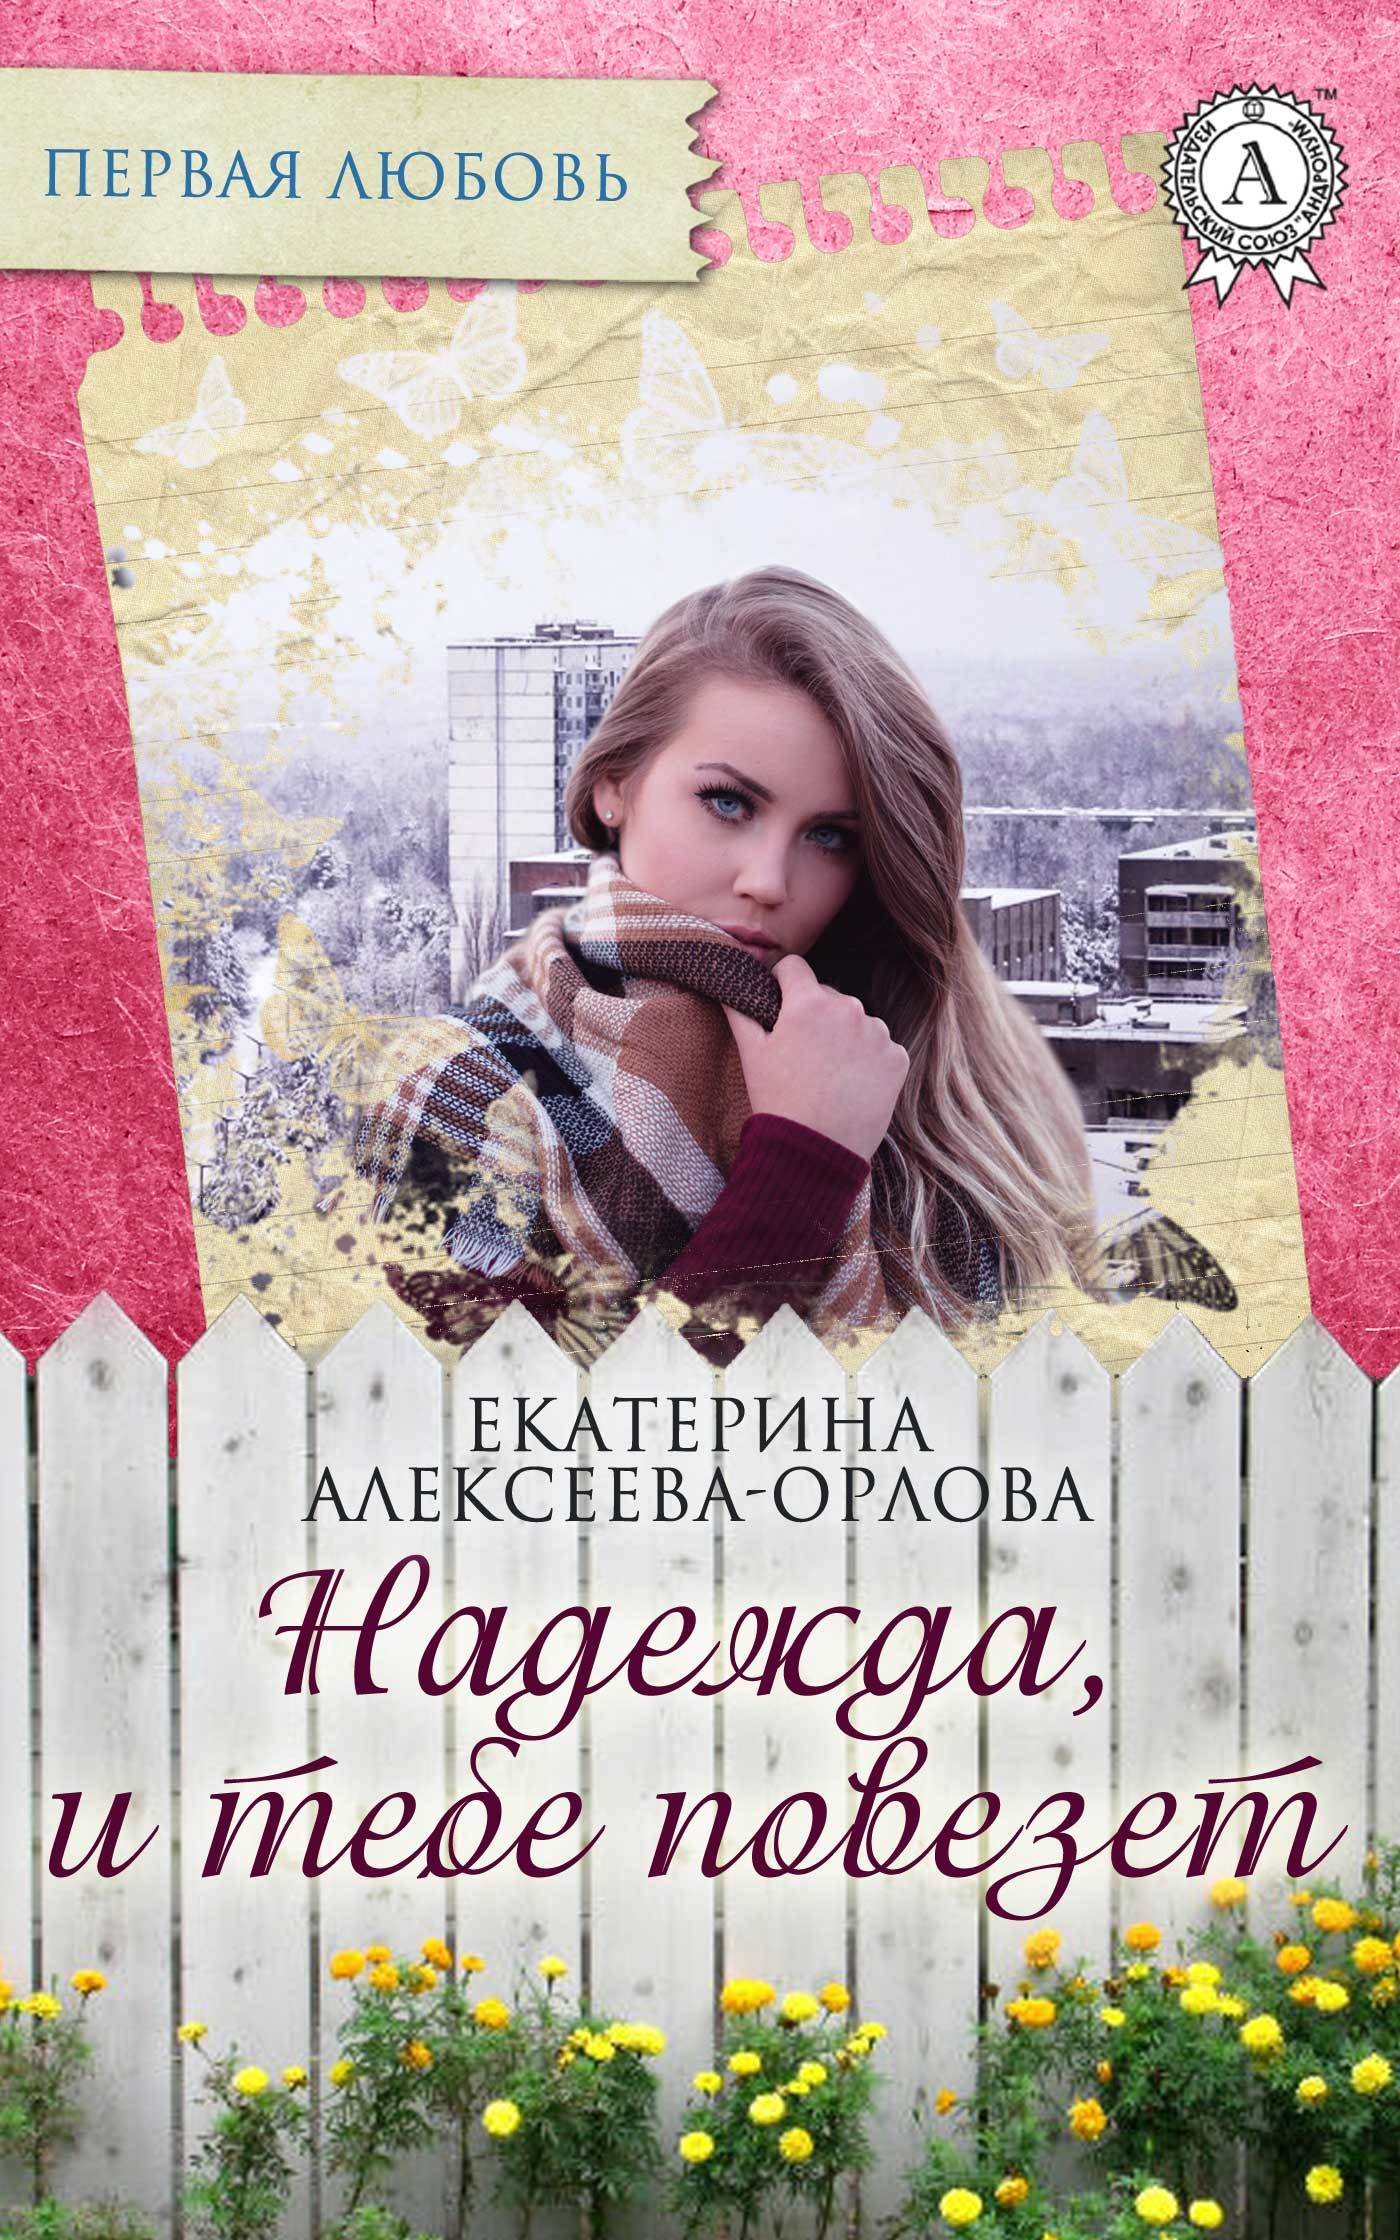 Екатерина Алексеева-Орлова бесплатно